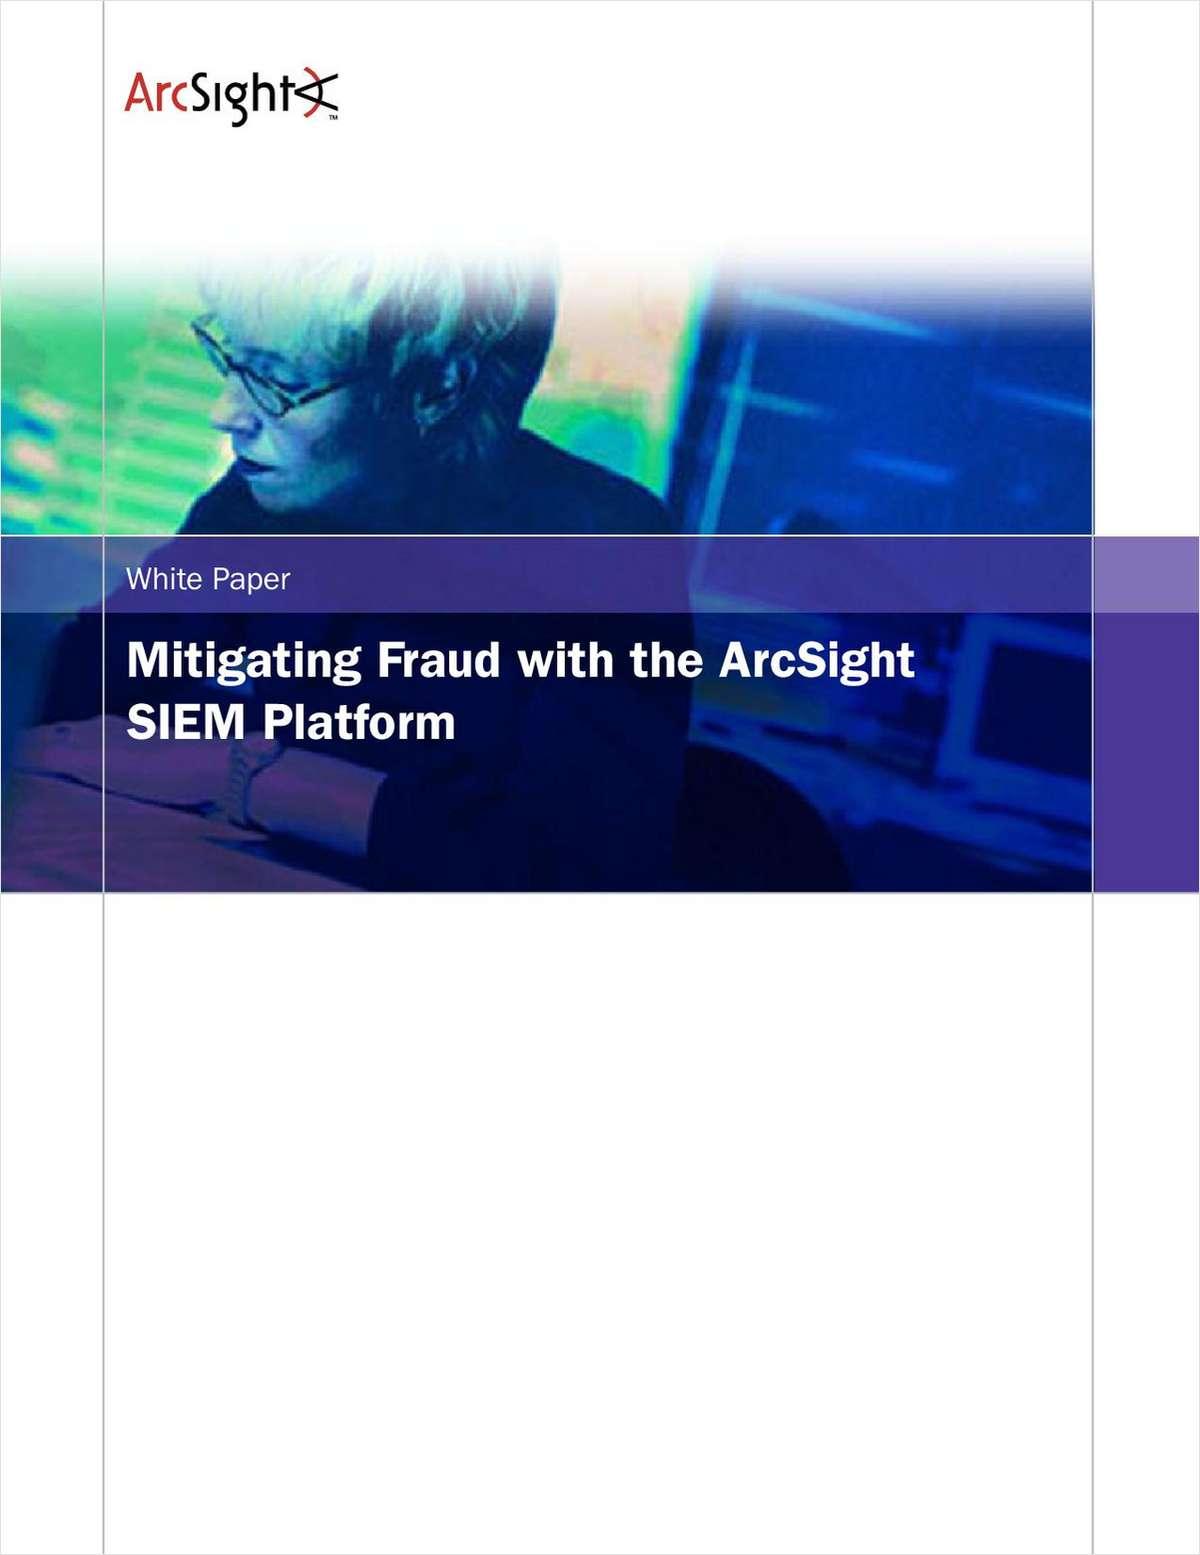 Mitigating Fraudulent Transactions